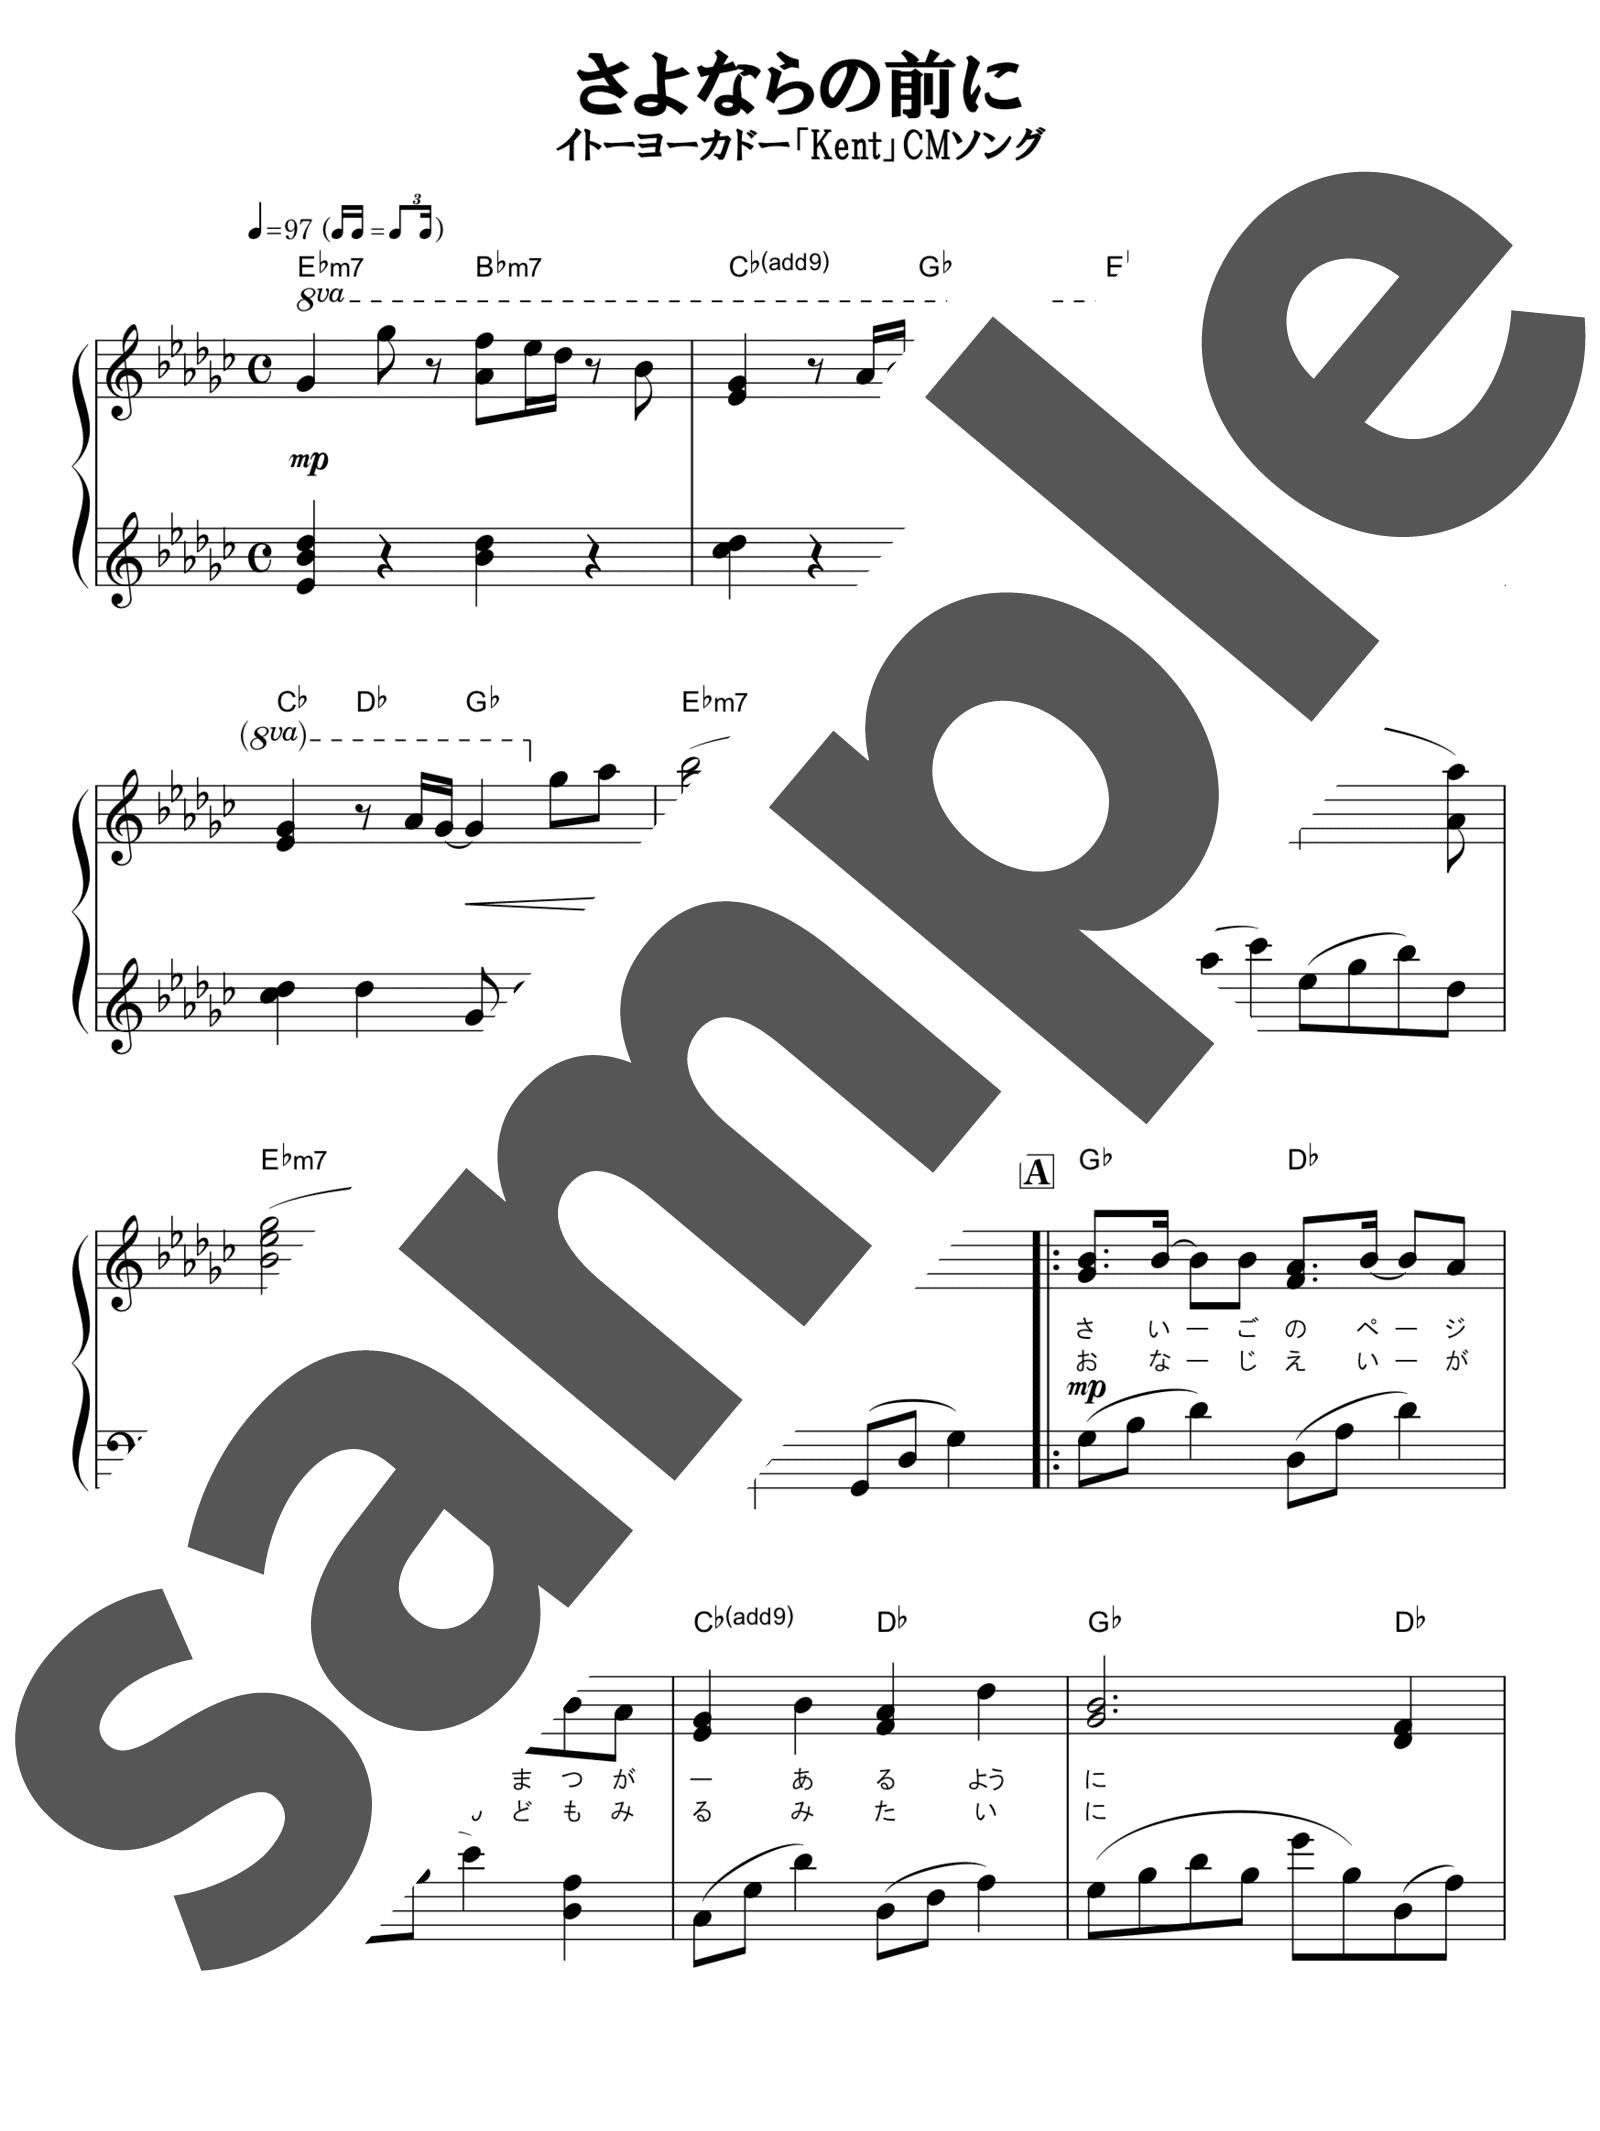 「さよならの前に」のサンプル楽譜